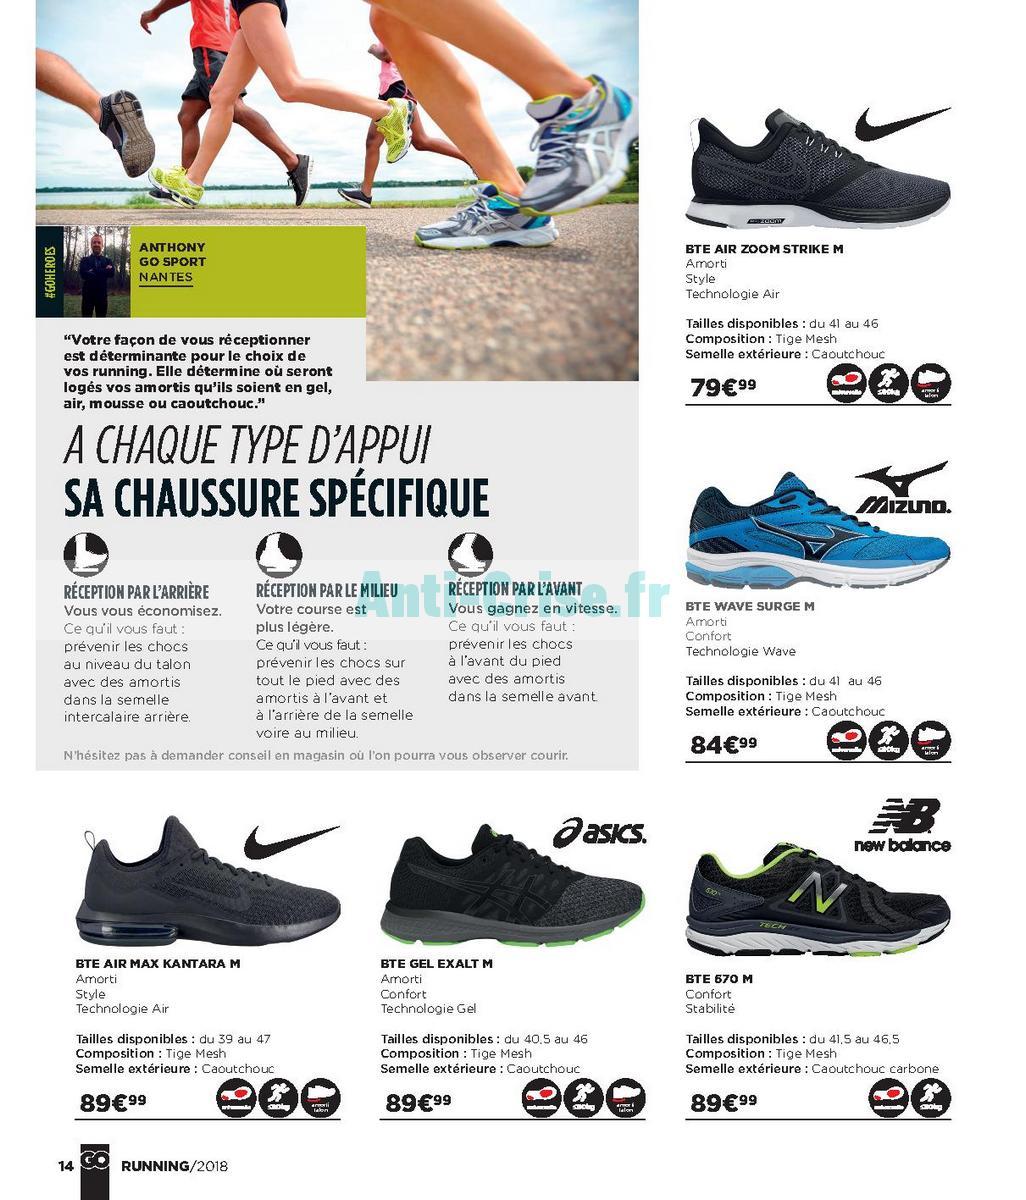 septembre2018 Catalogue Go Sport du 28 avril au 21 septembre 2018 (Running) (14)